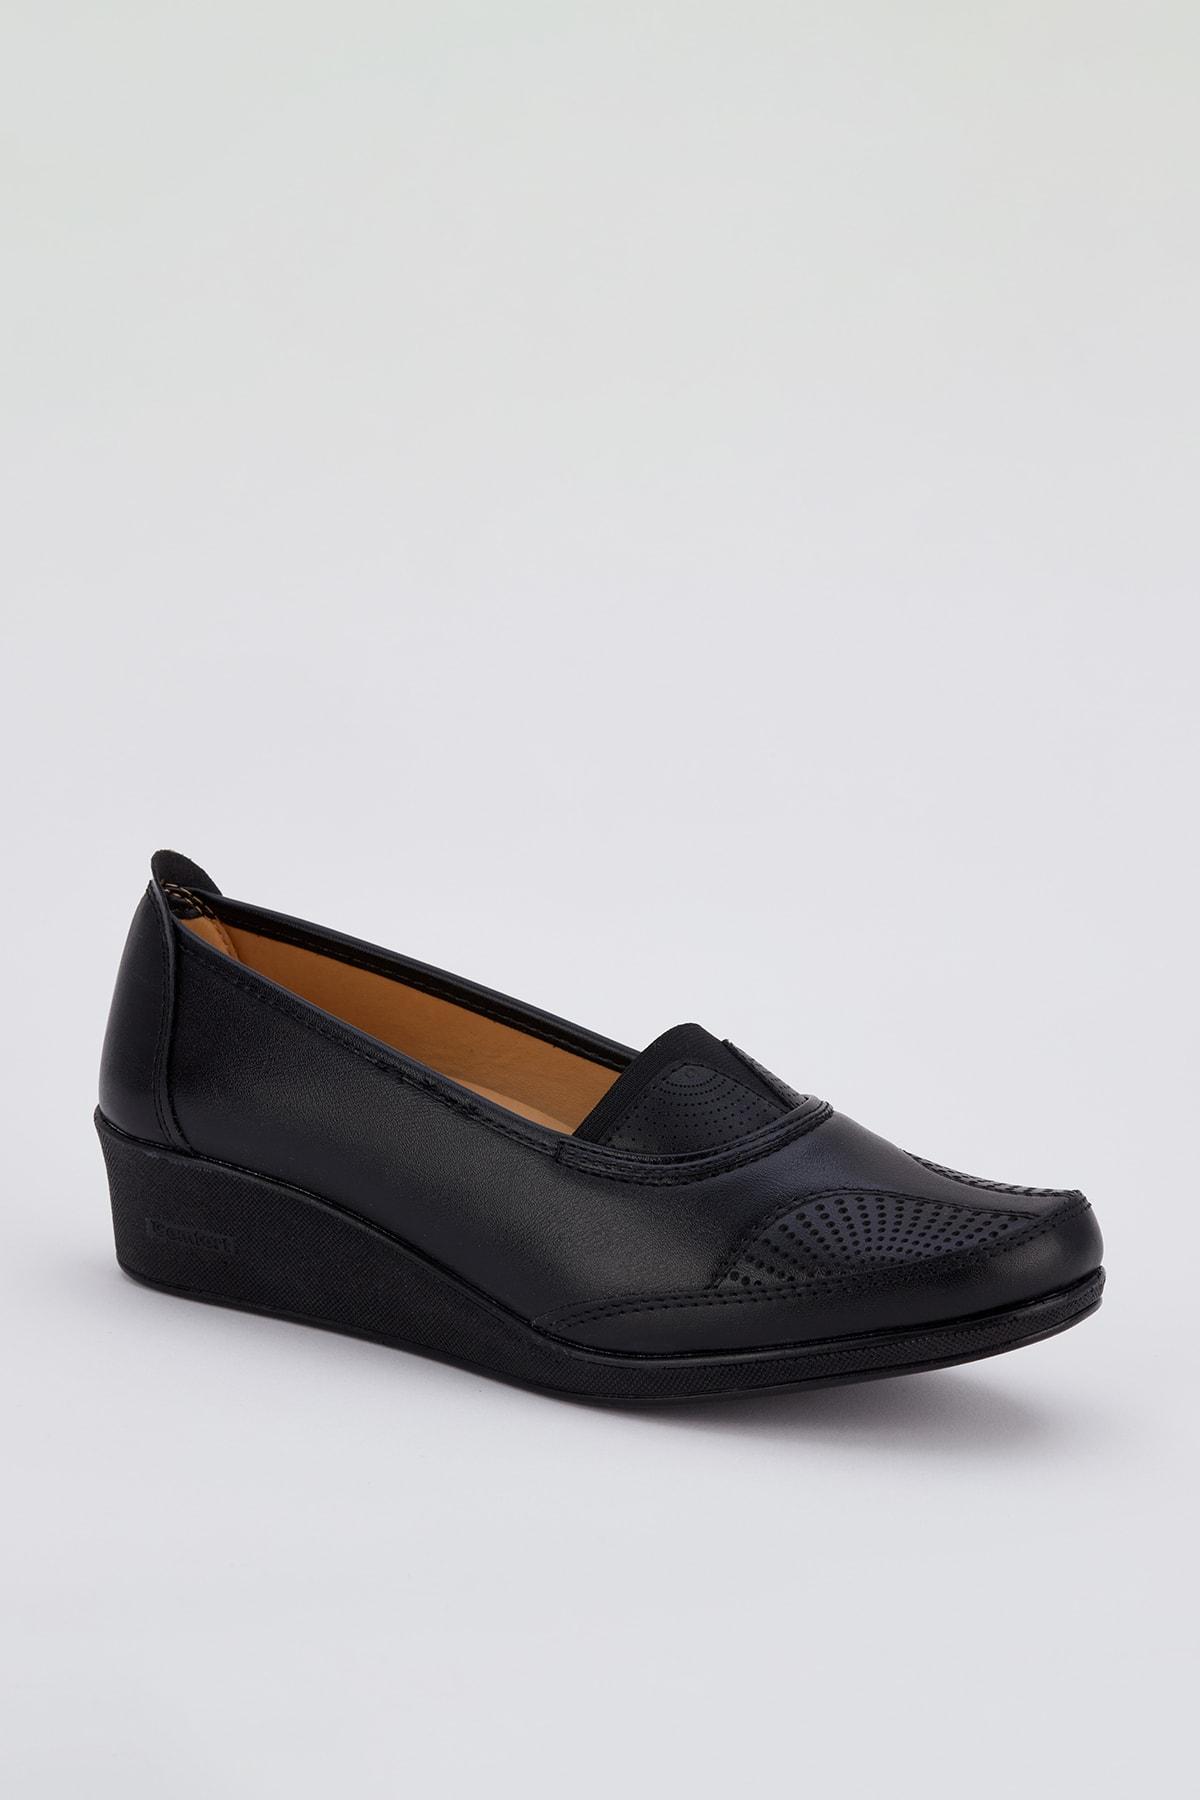 A15 Kadın Günlük Ortopedik Ayakkabı